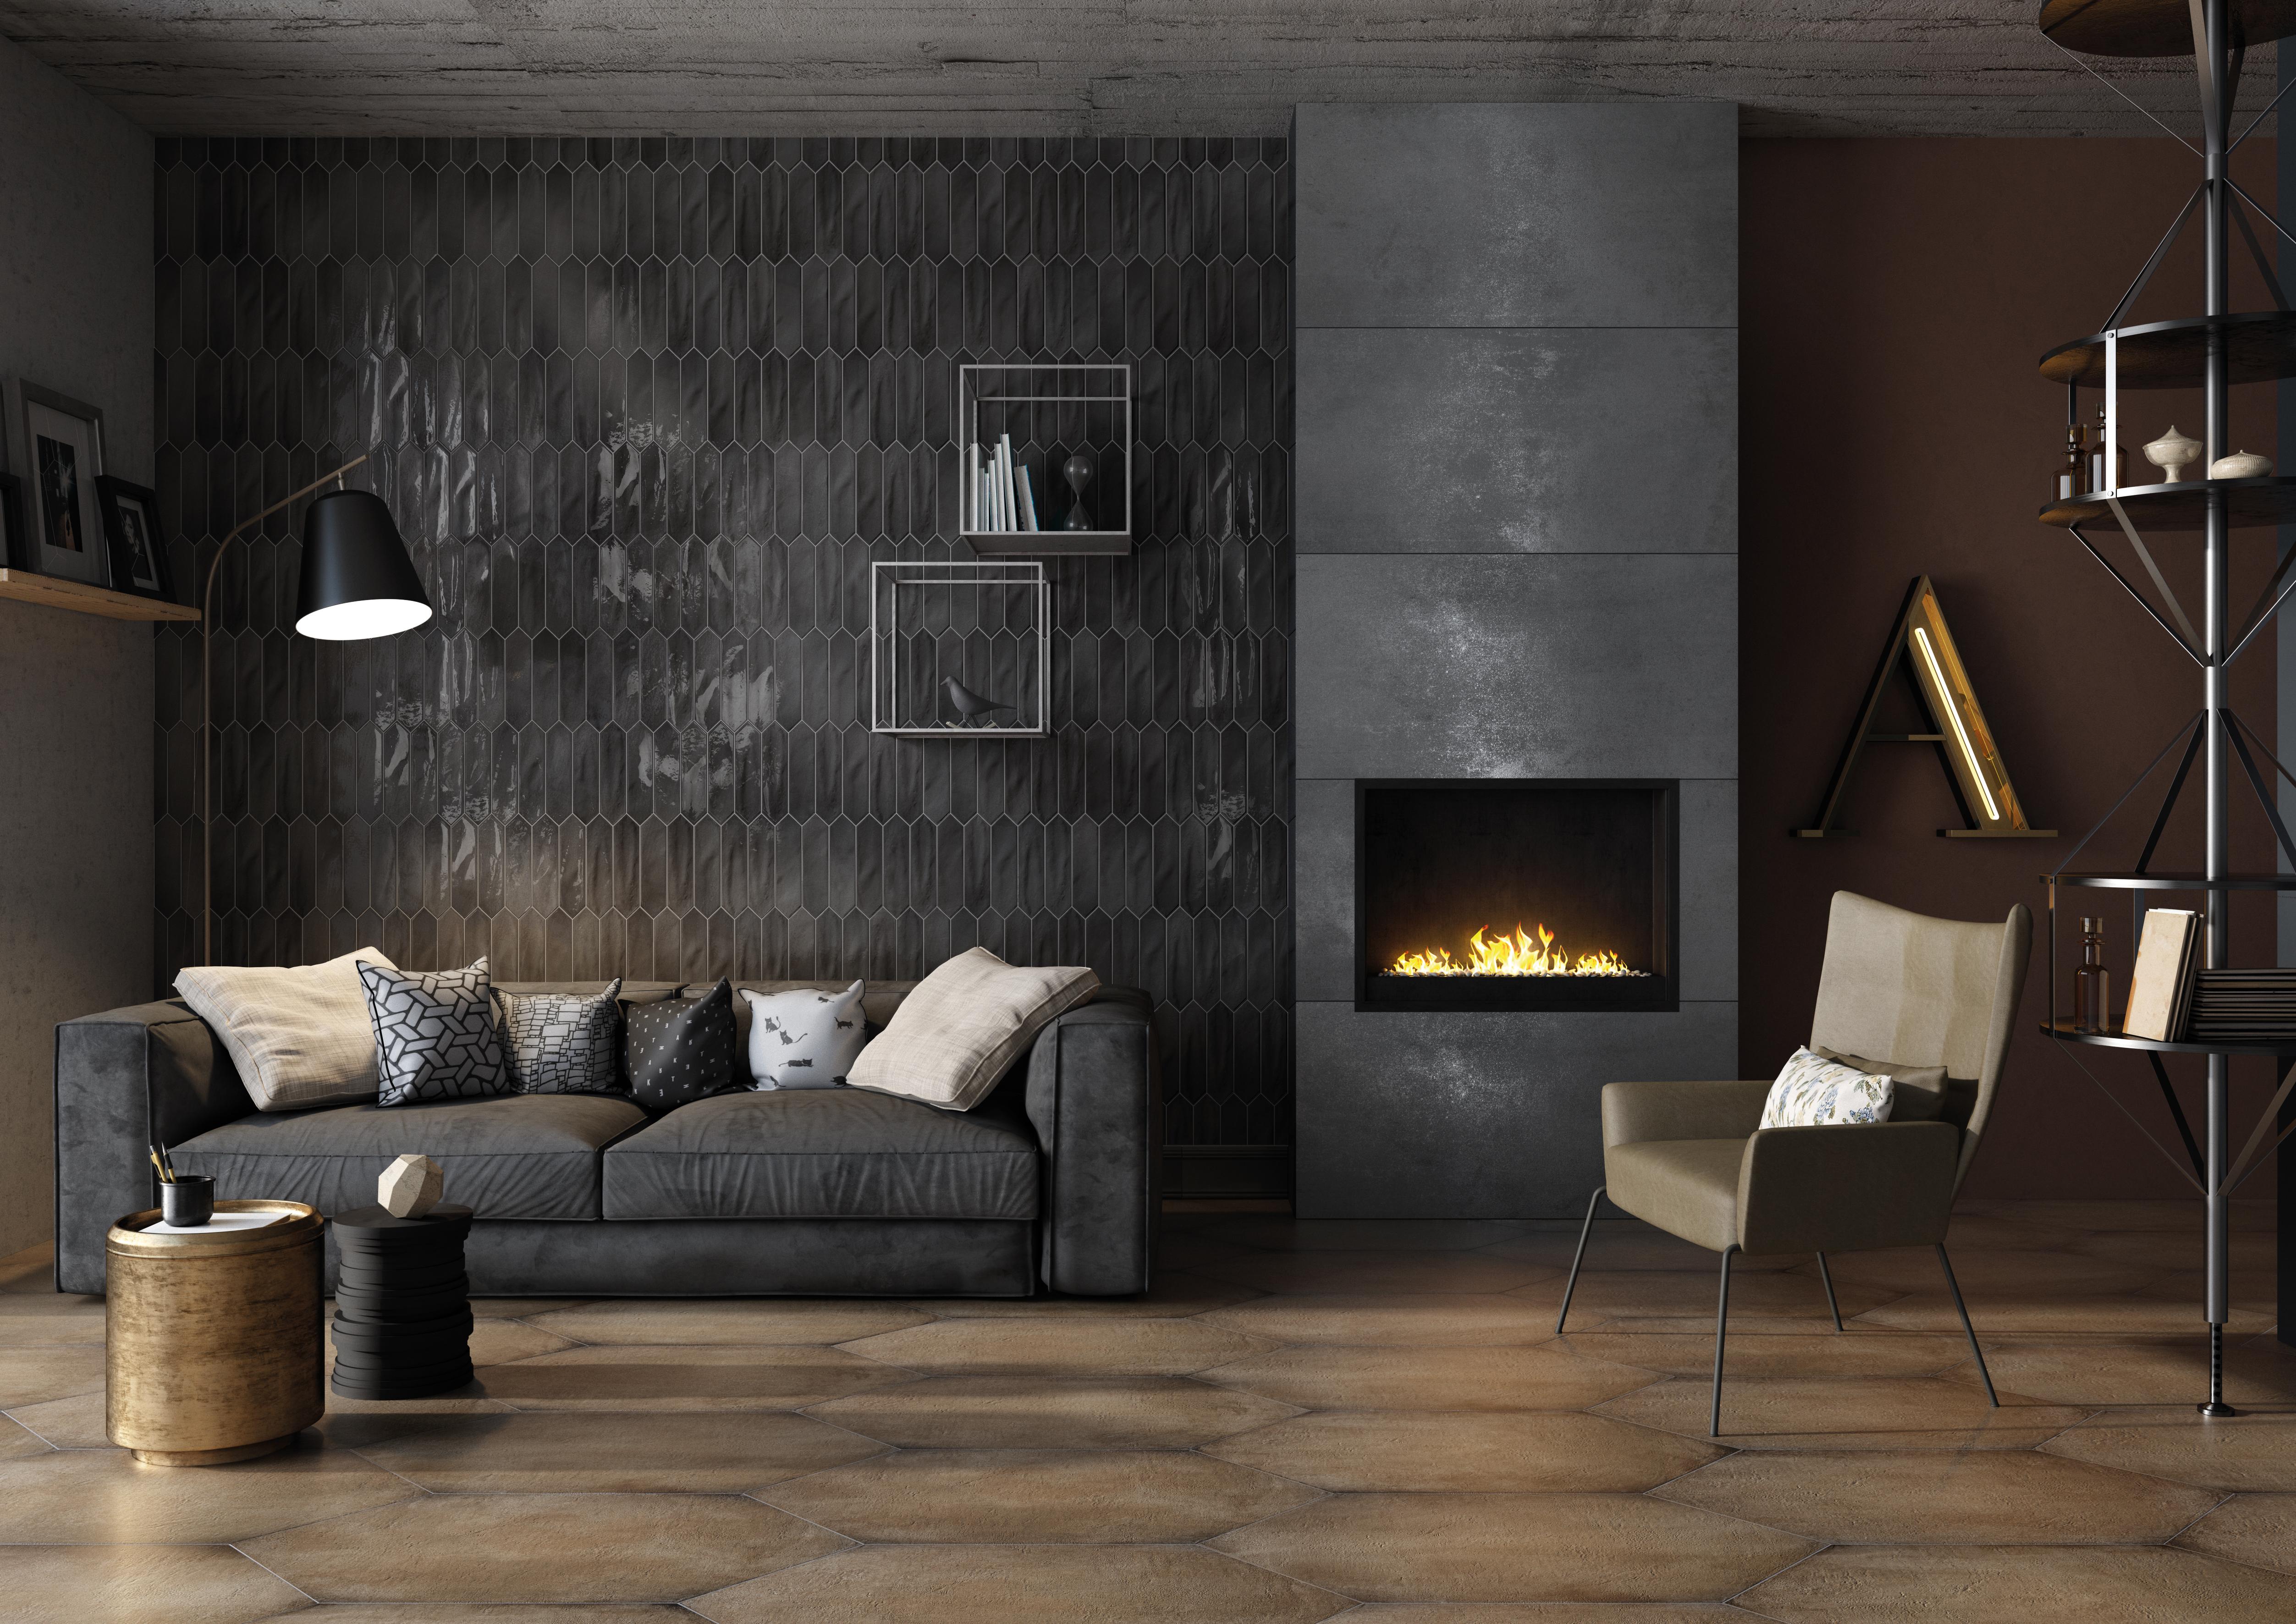 Amb charcoal 7,5x30 evoque coal 60x120 gea ocra 47,8x95,2